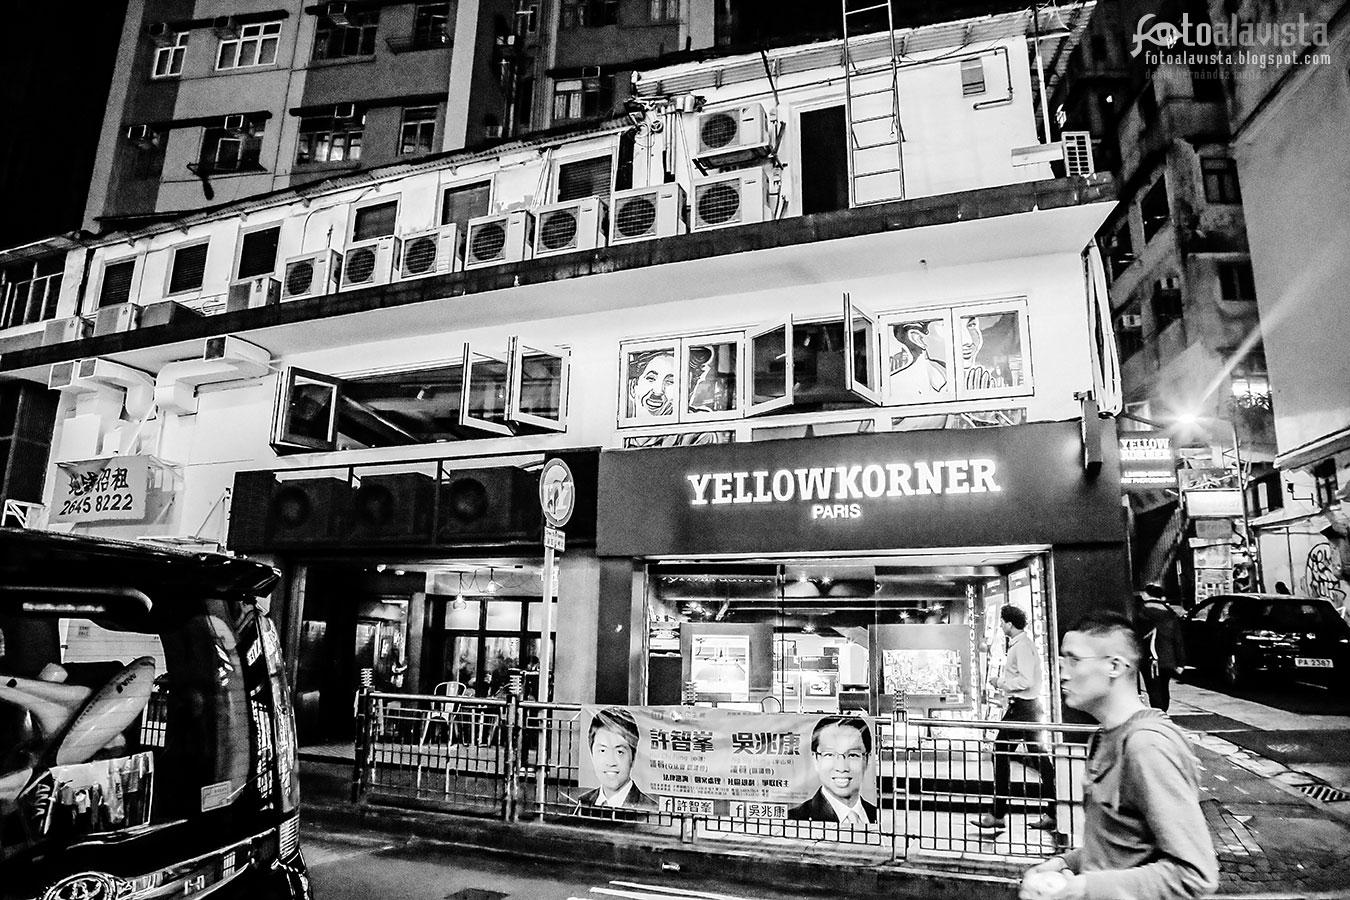 Yellow Corner - Fotografía artística